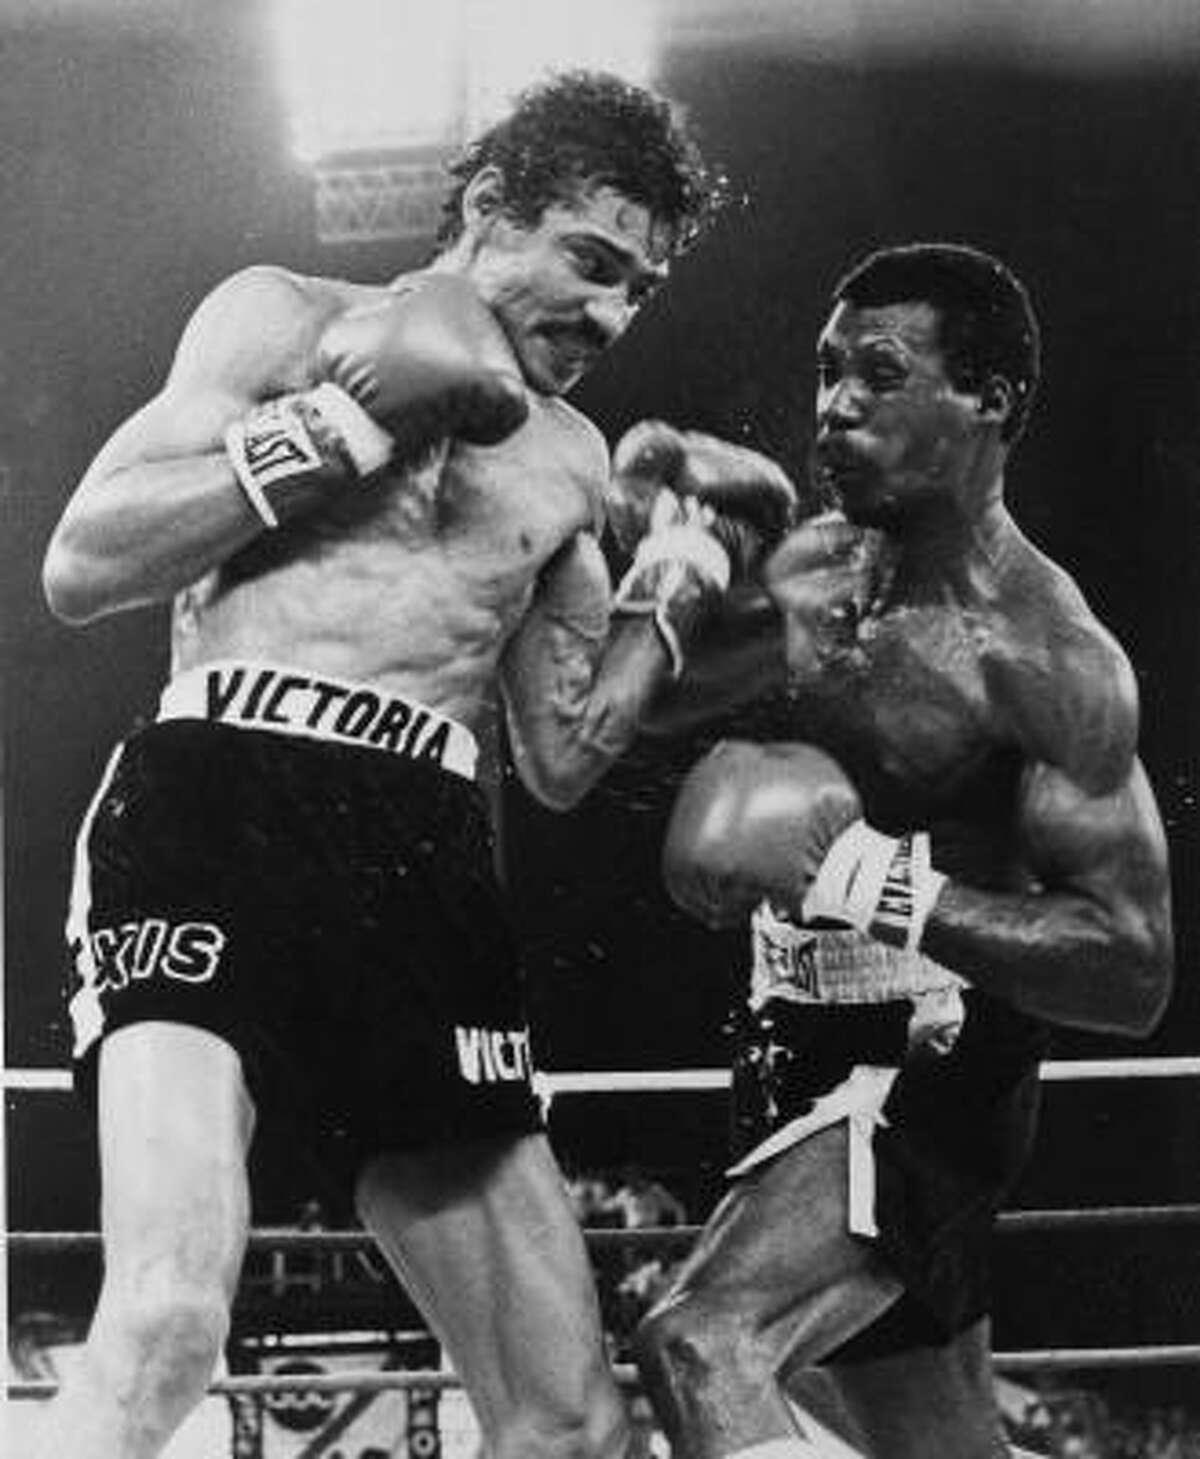 Alexis Argüello, left, battles Puerto Rico's Alfredo Escalera on Jan. 28, 1978, in the ninth round of their WBC title fight near San Juan. Argüello won against the tough Escalera by 13th-round TKO.